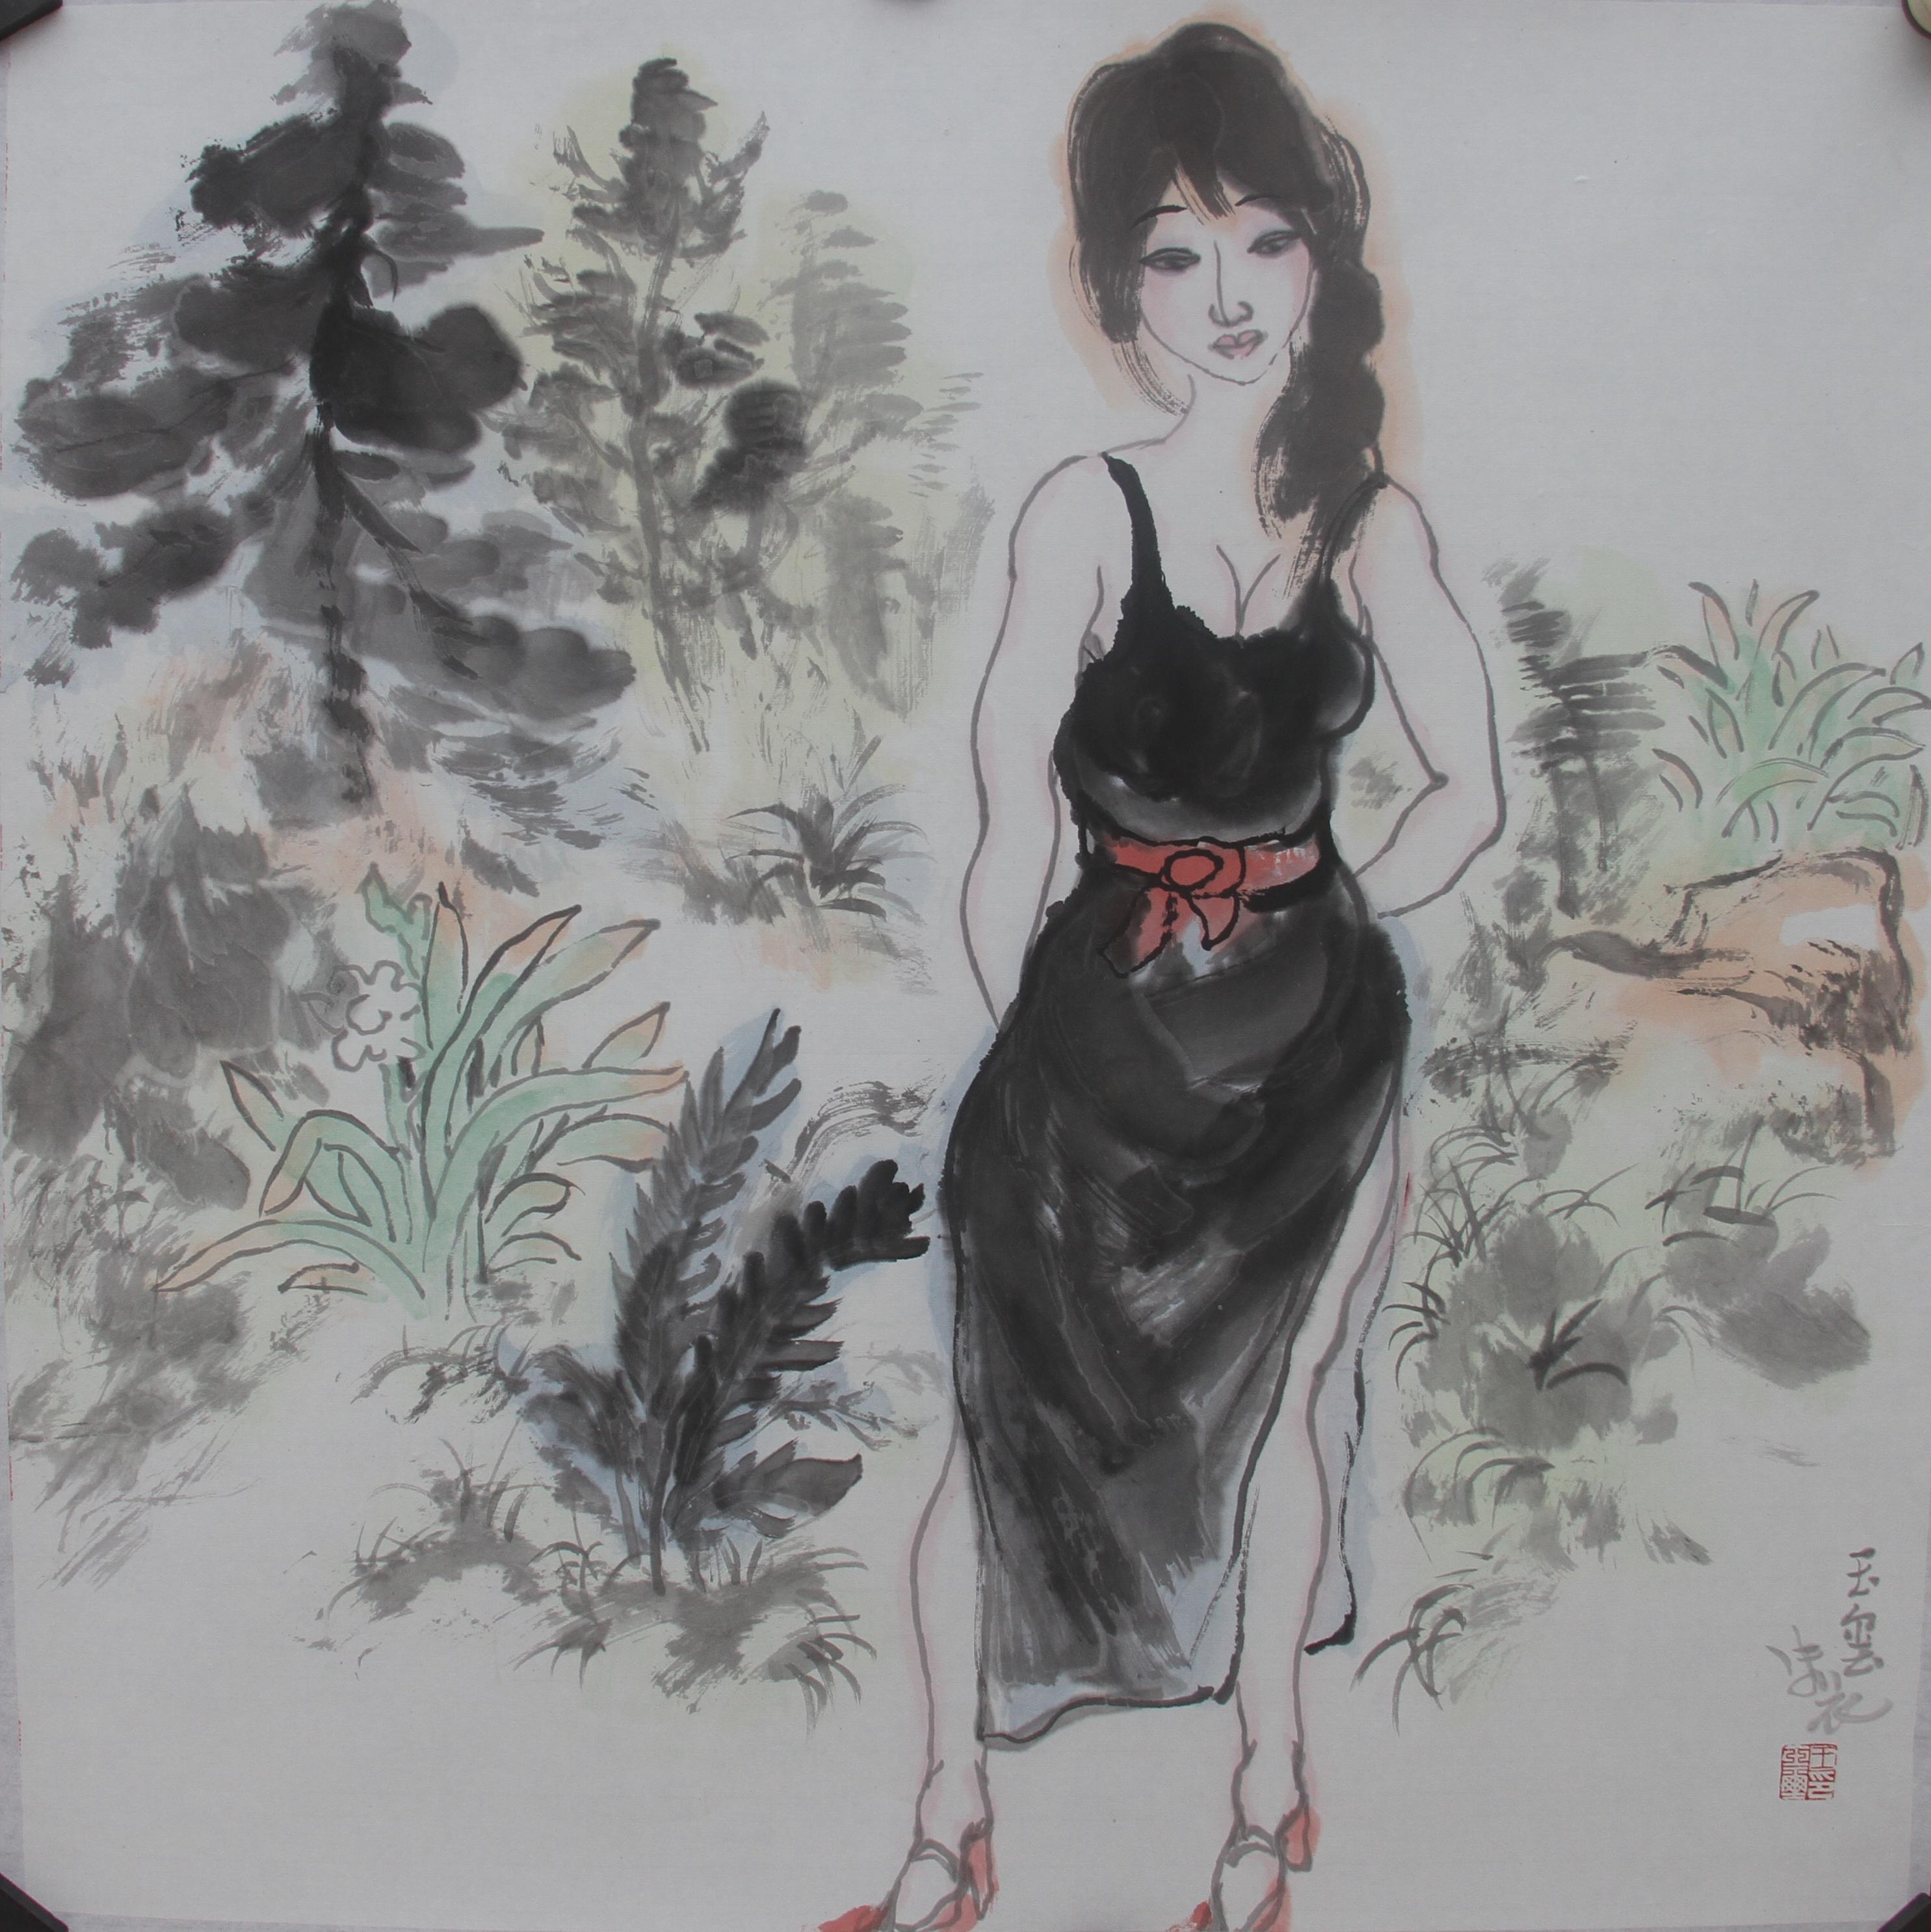 少女漏b艺术_而画家王玉玺骨子里透出的冷峻和辛辣,更兼具一种匠心独运的艺术调侃